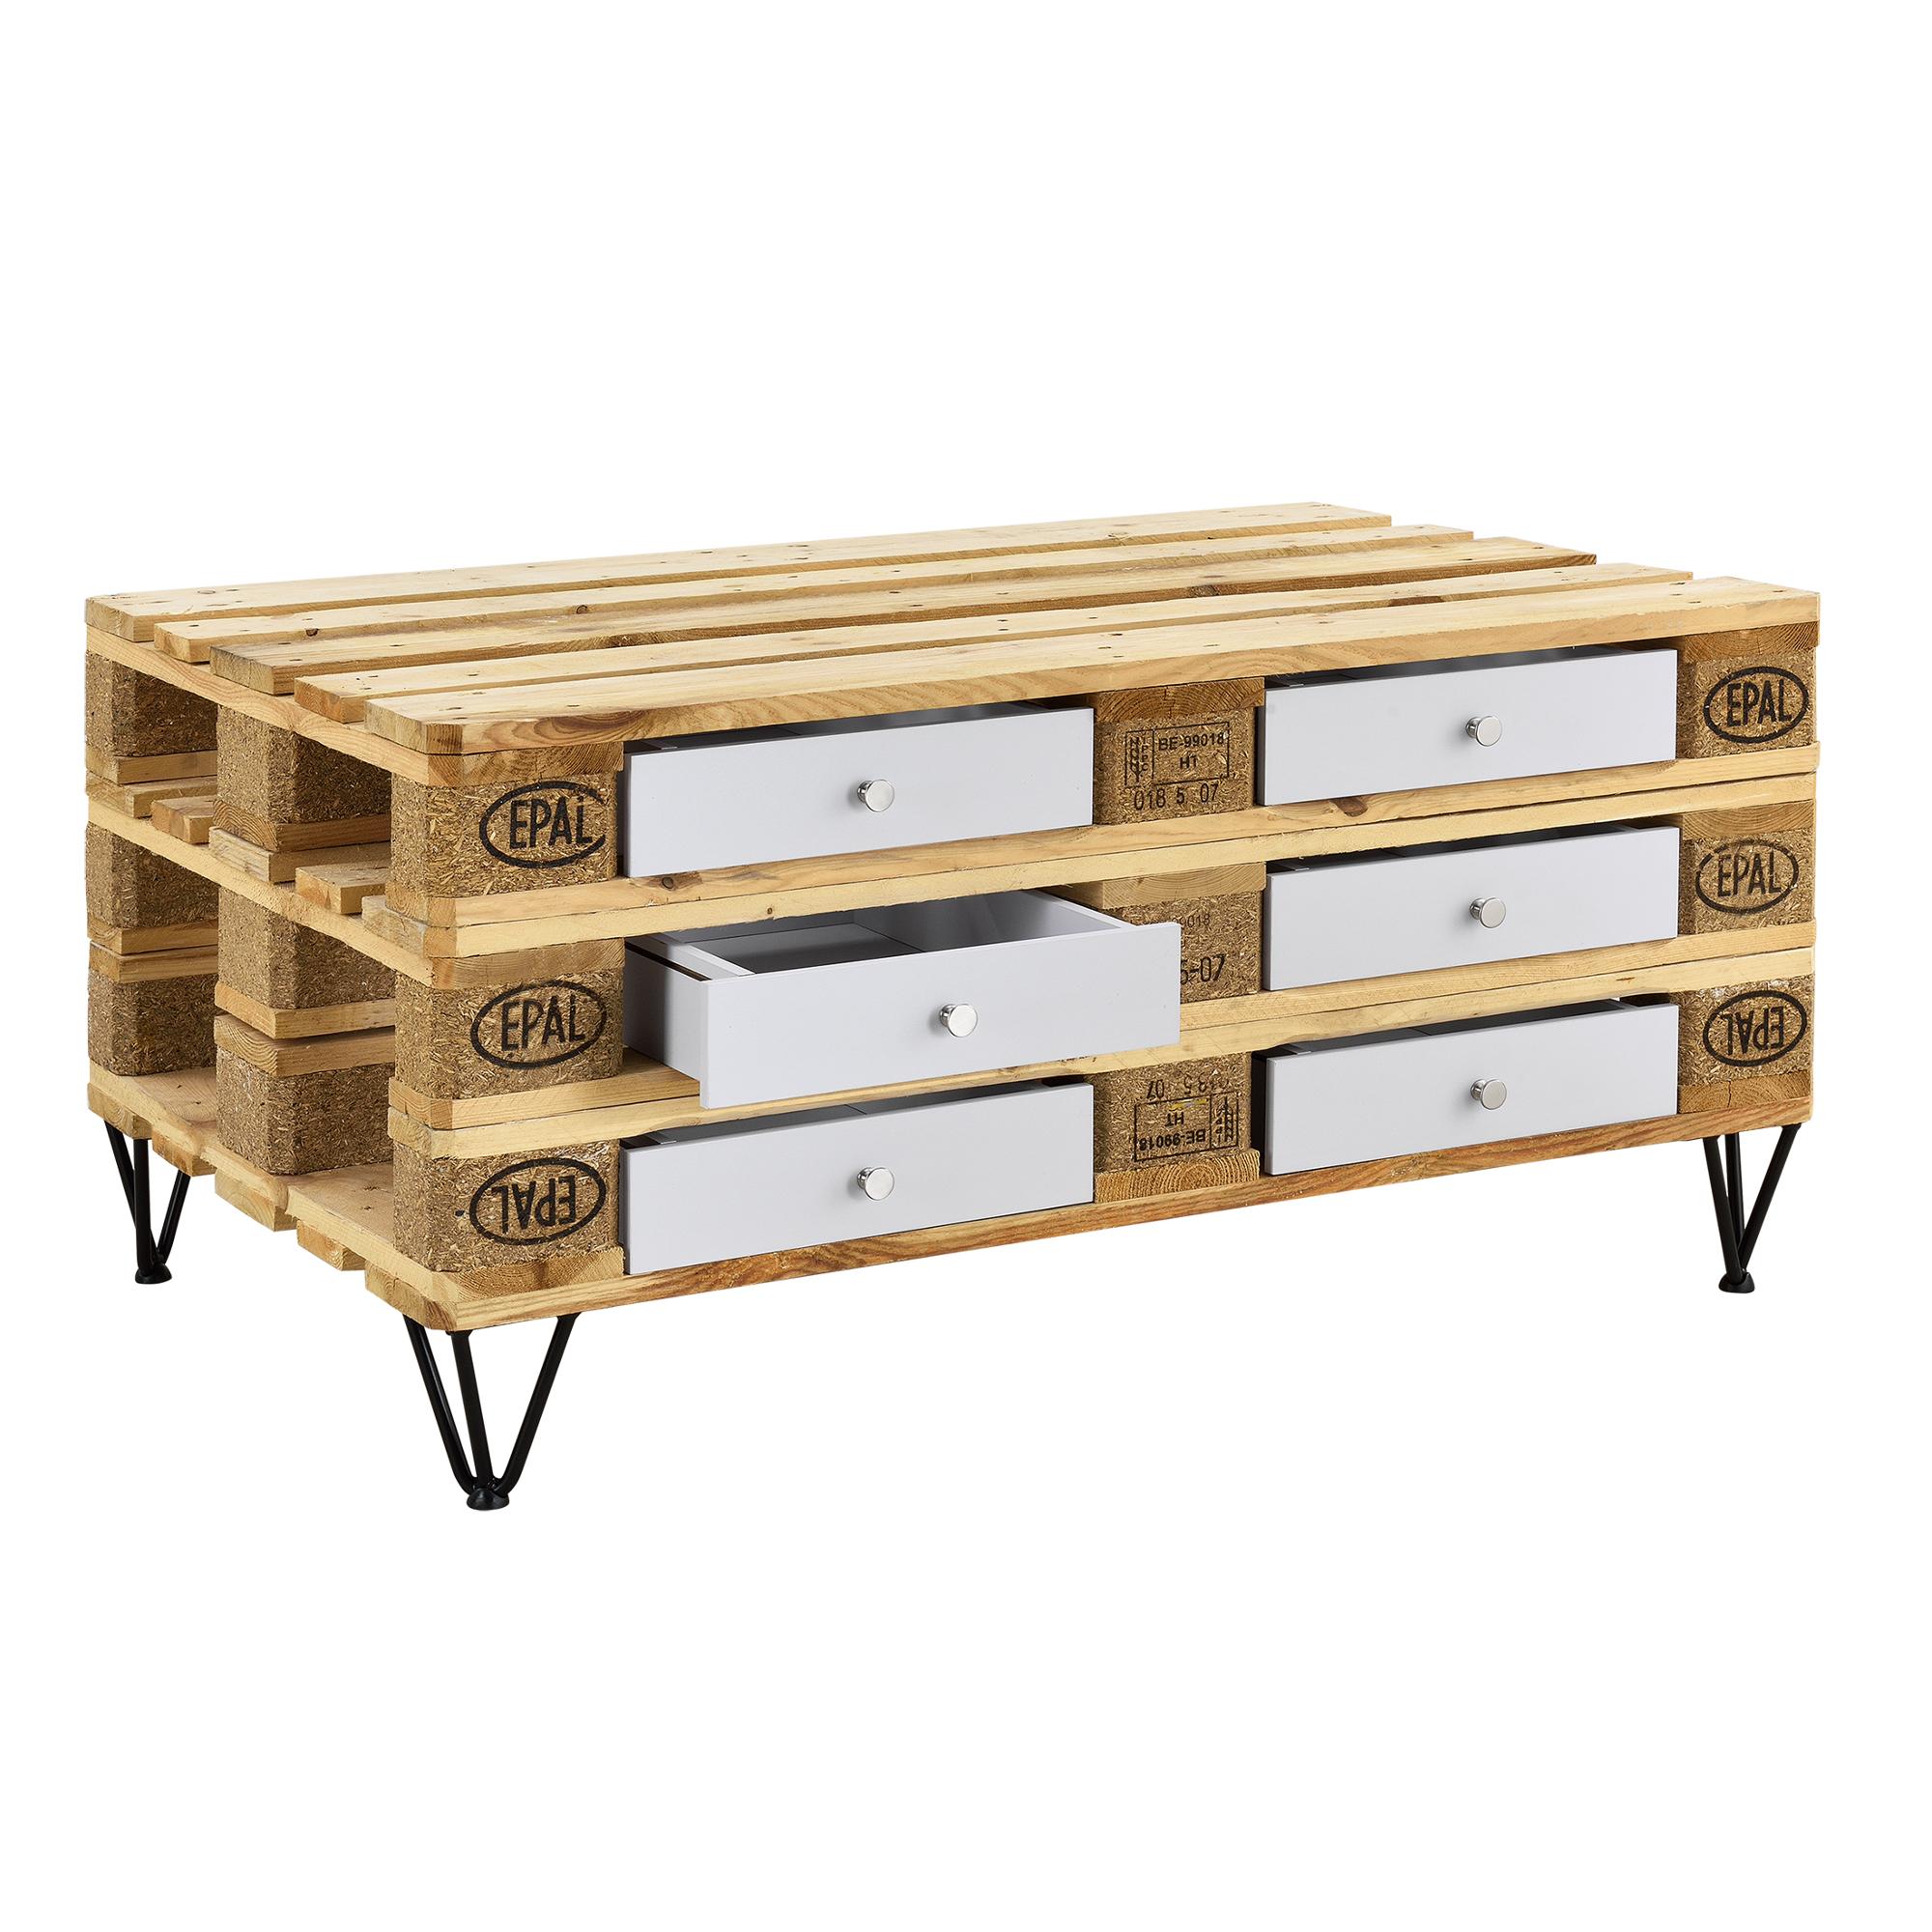 schublade f r europaletten regal kommode couchtisch paletten m bel diy ebay. Black Bedroom Furniture Sets. Home Design Ideas